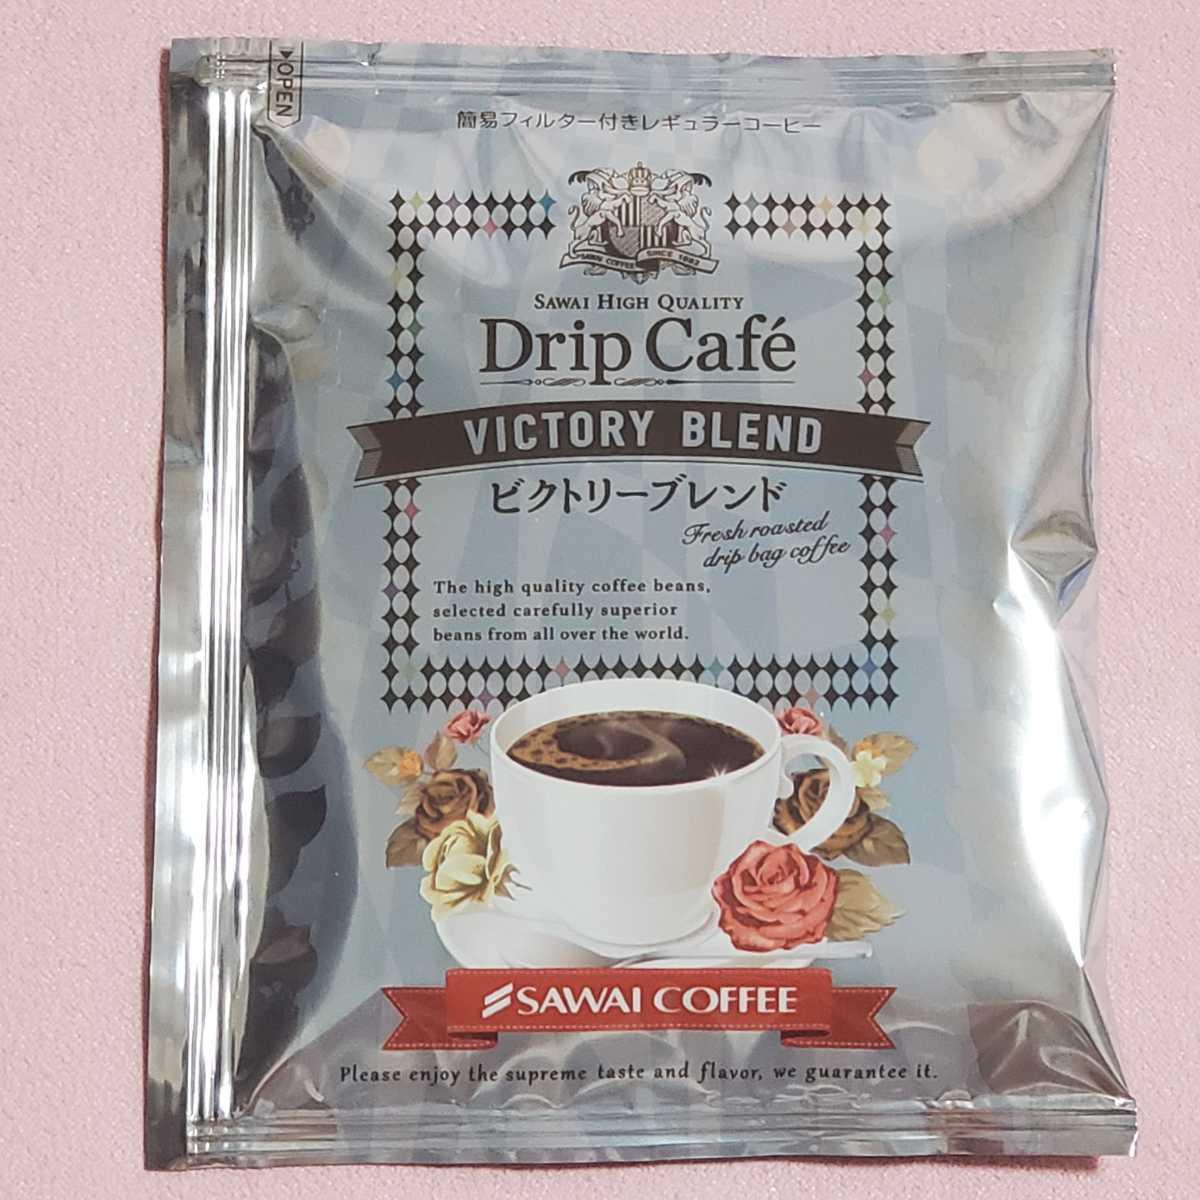 ドリップコーヒー10袋セット☆澤井珈琲☆ブレンドフォルテシモ☆ビクトリーブレンド_画像4